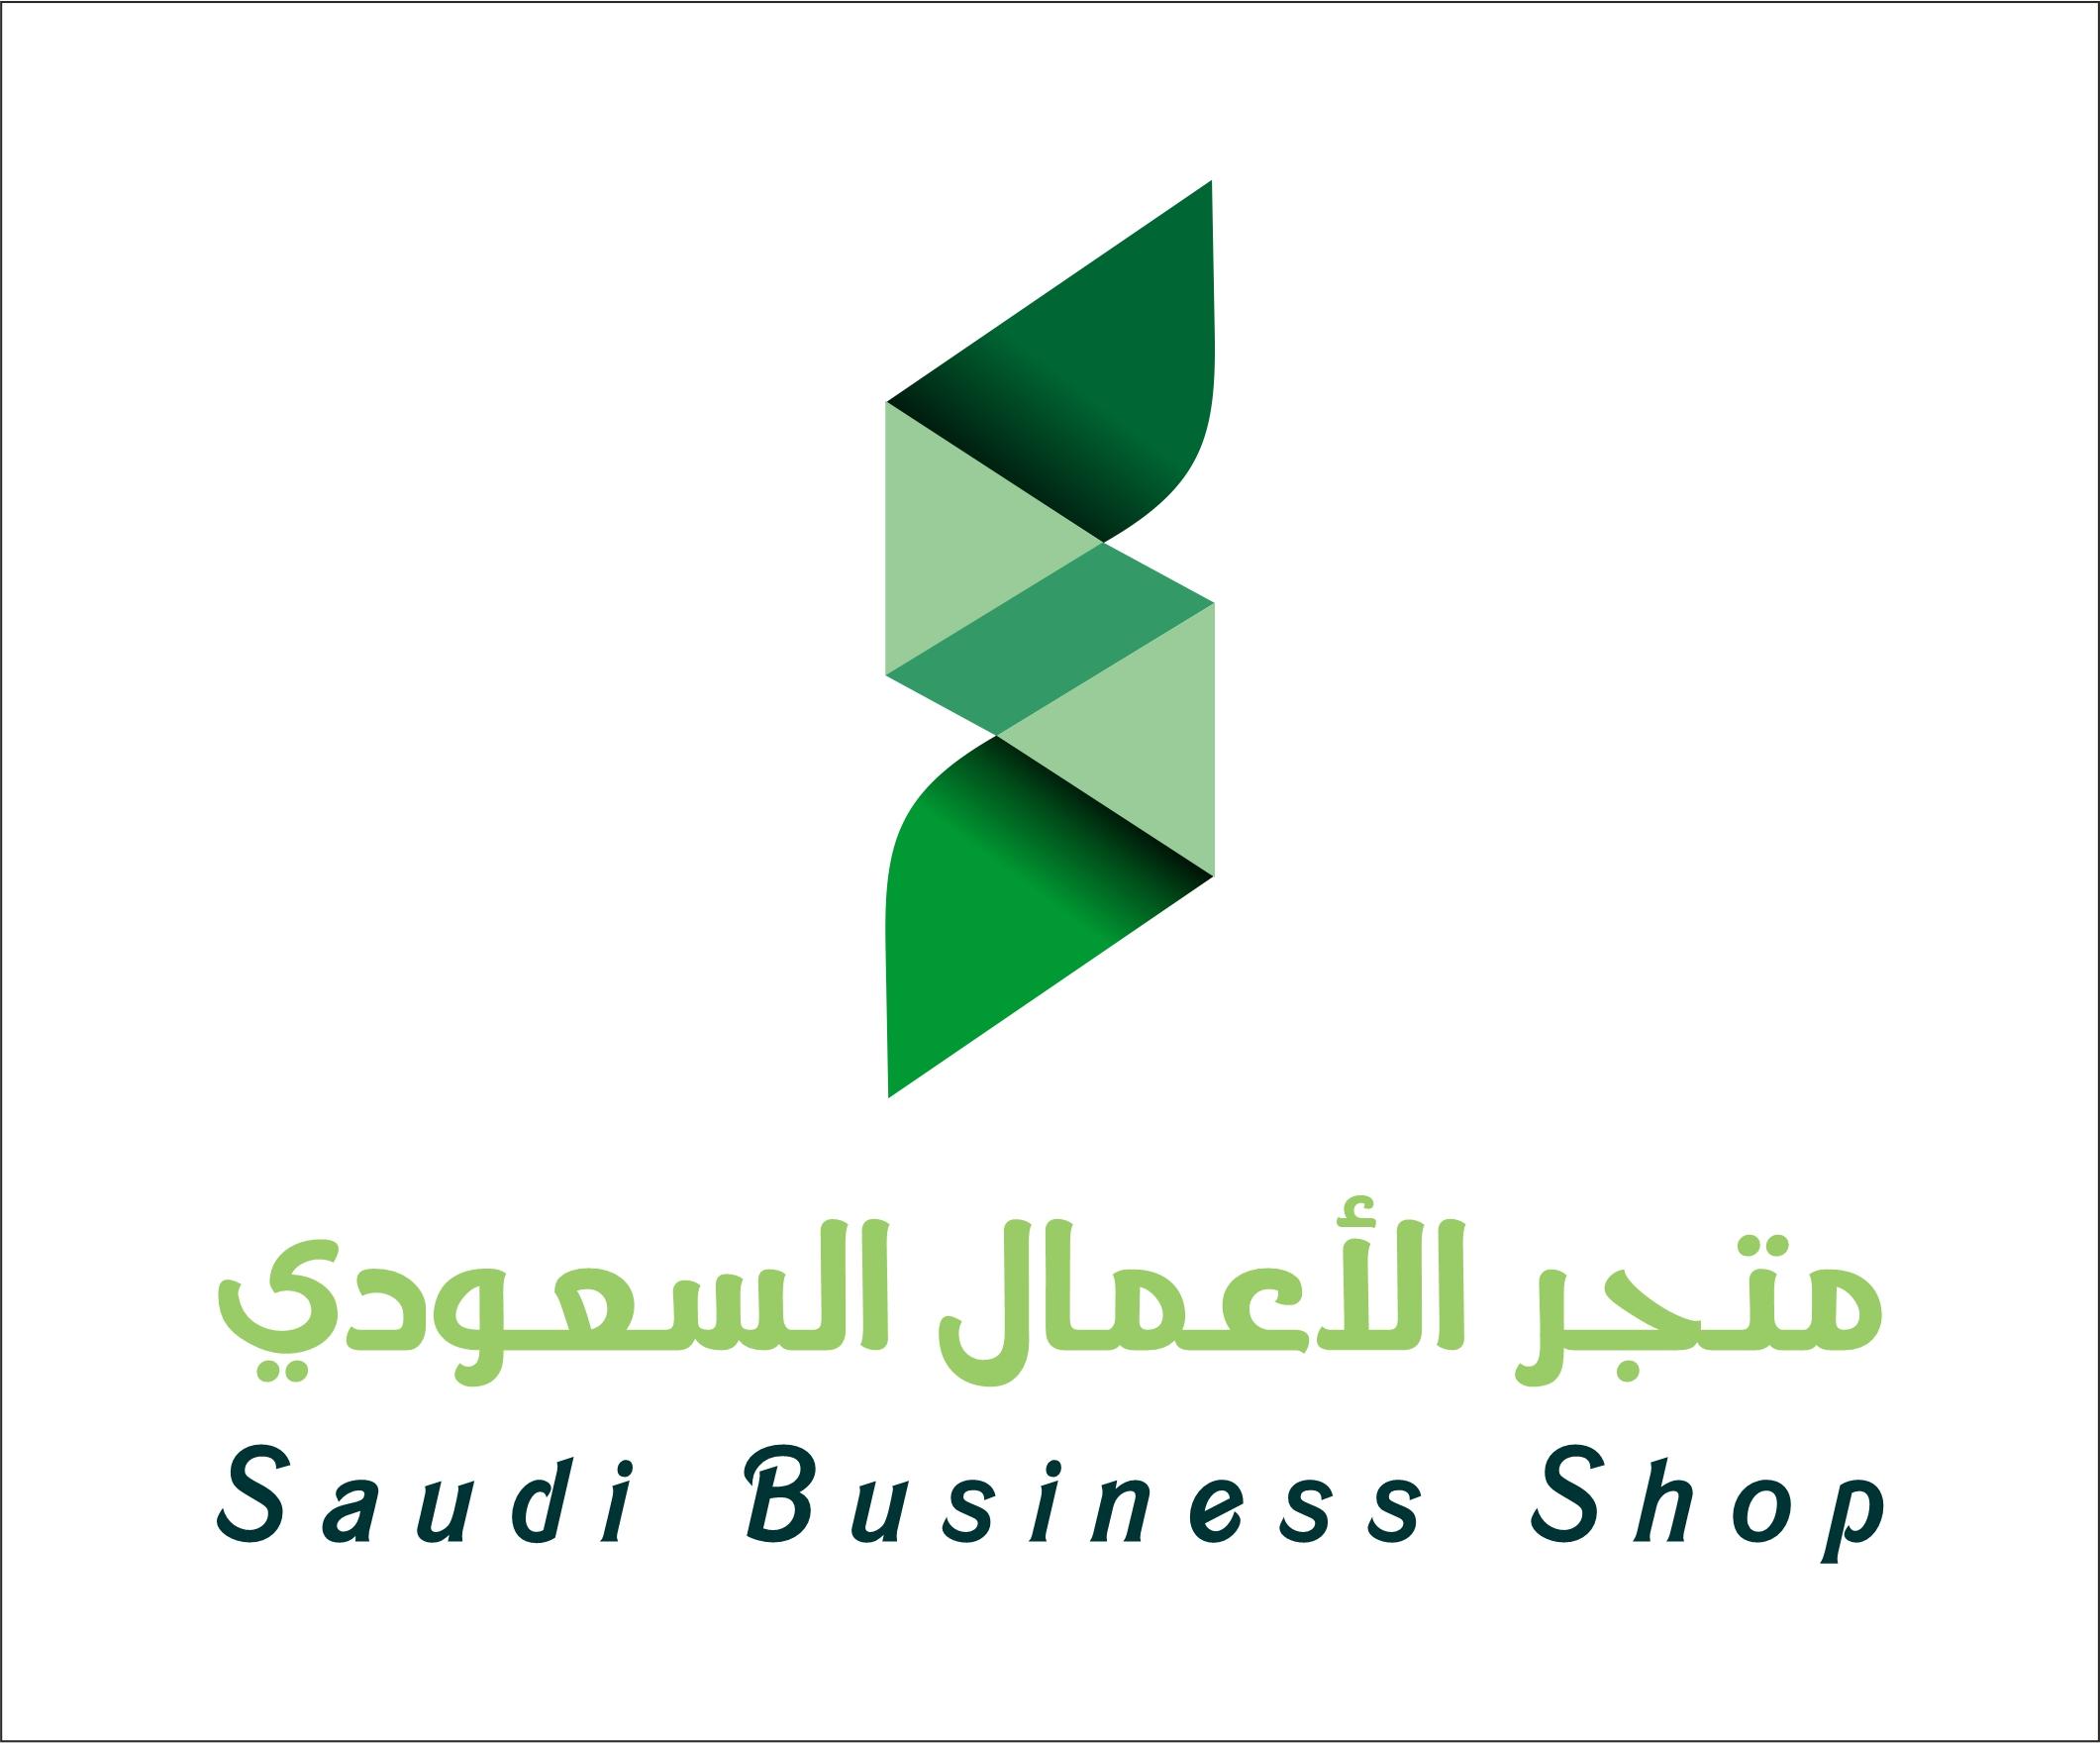 متجر الاعمال السعودي